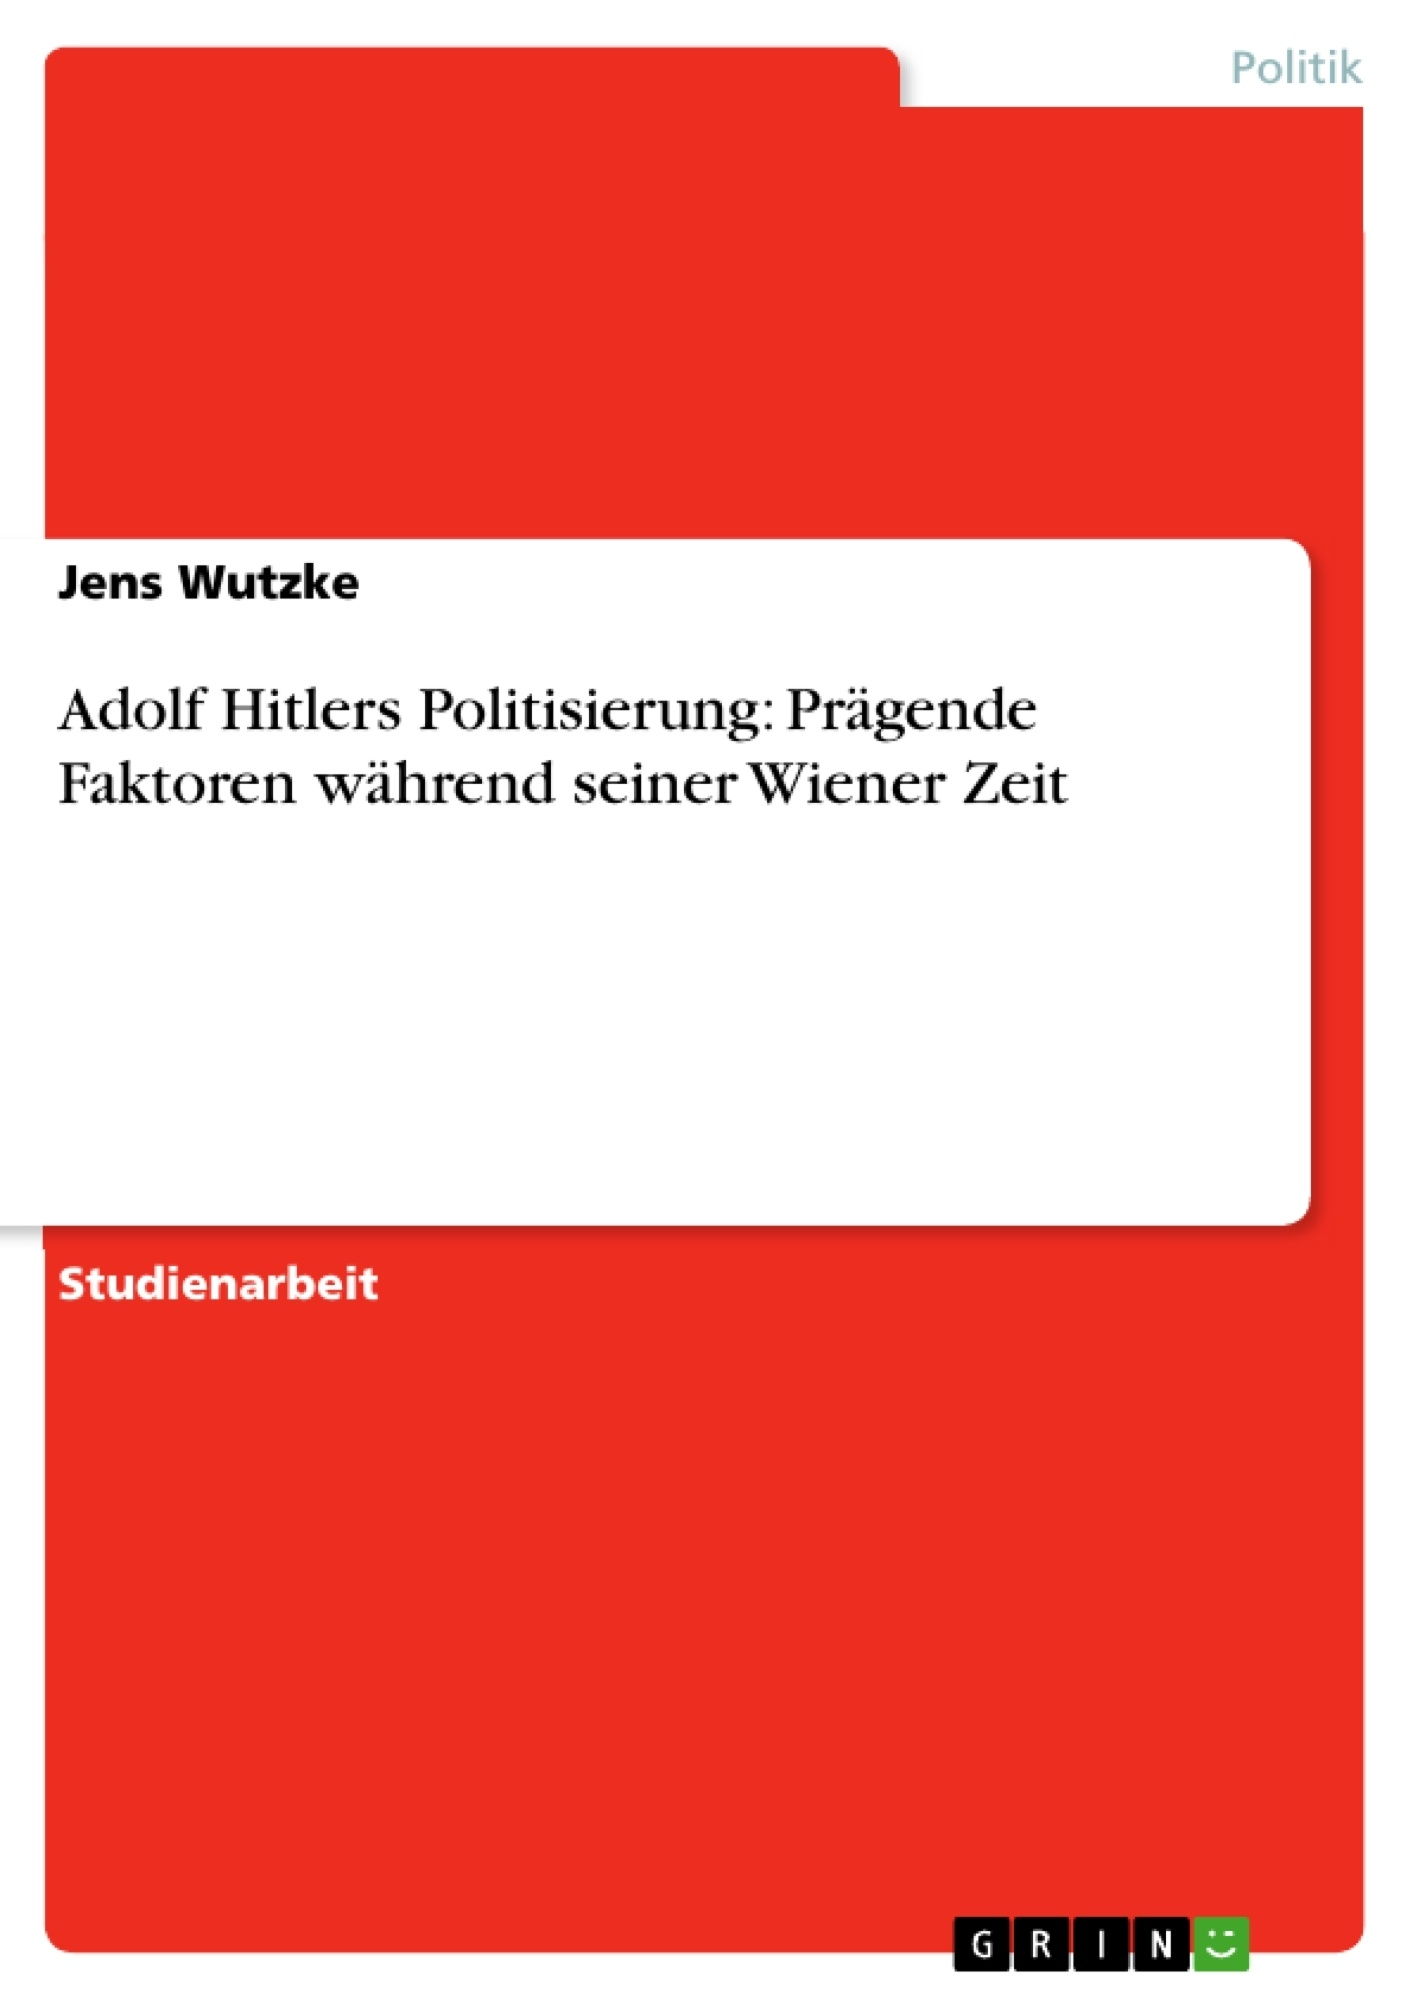 Titel: Adolf Hitlers Politisierung: Prägende Faktoren während seiner Wiener Zeit